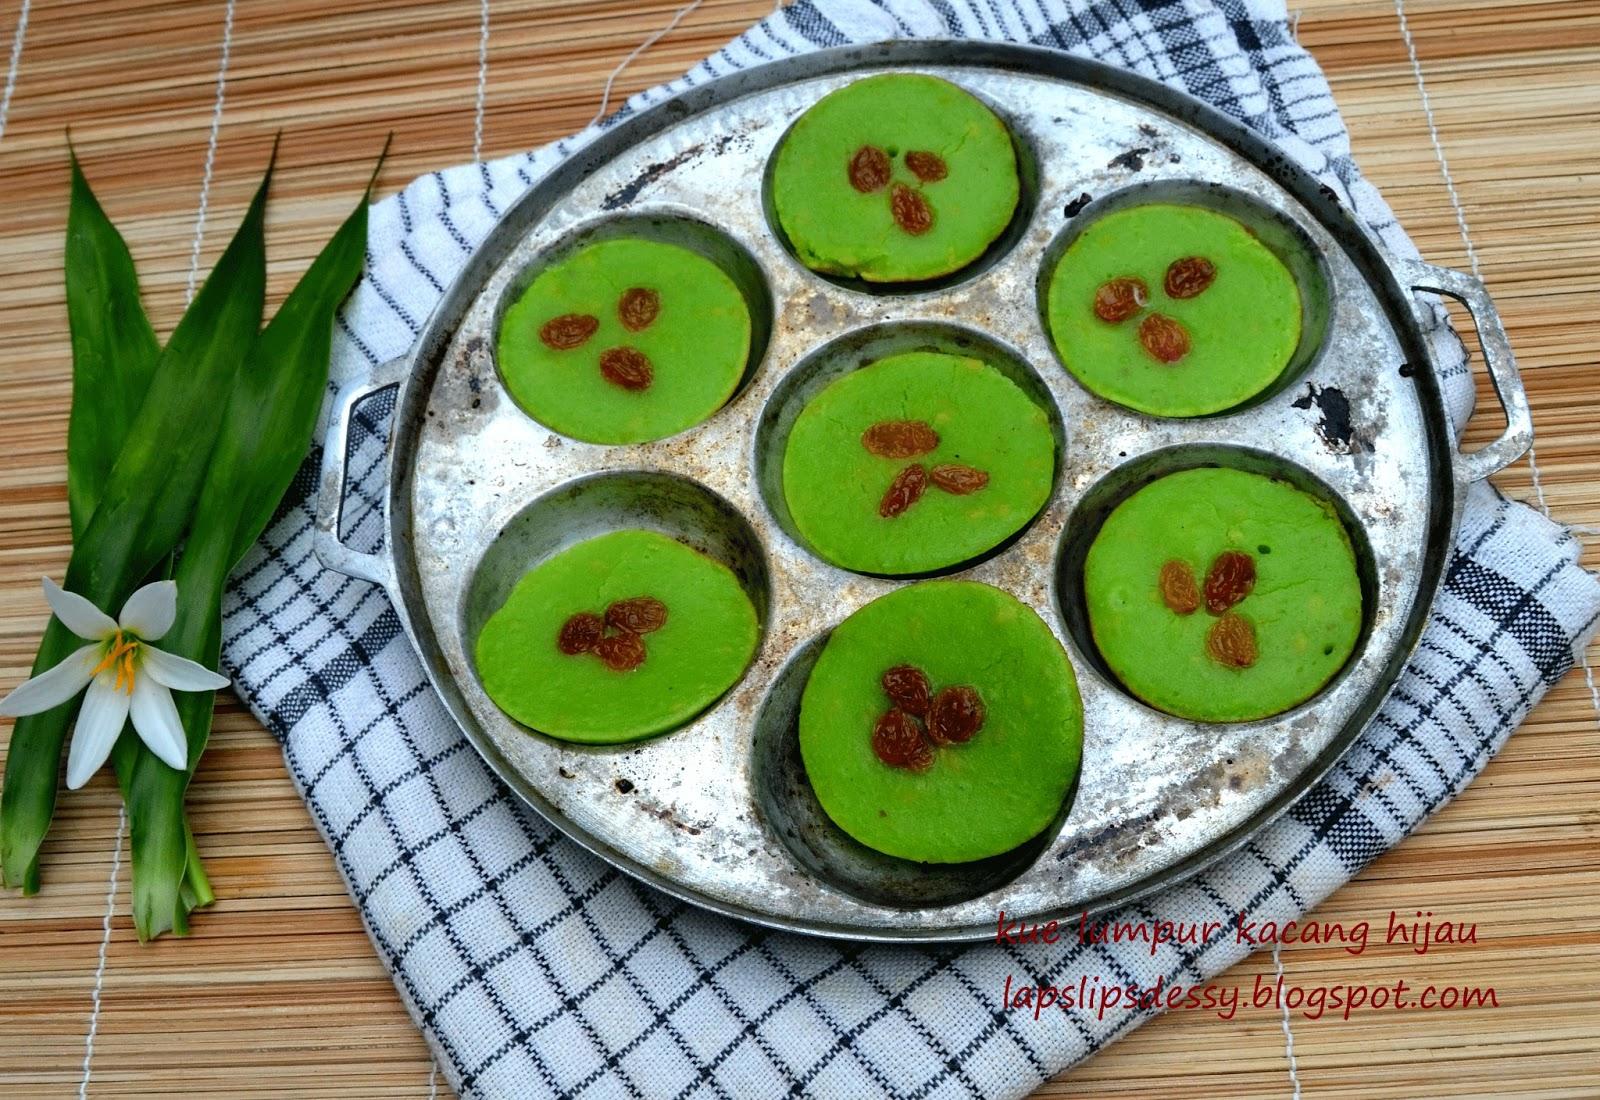 resep kue lumpur kacang hijau